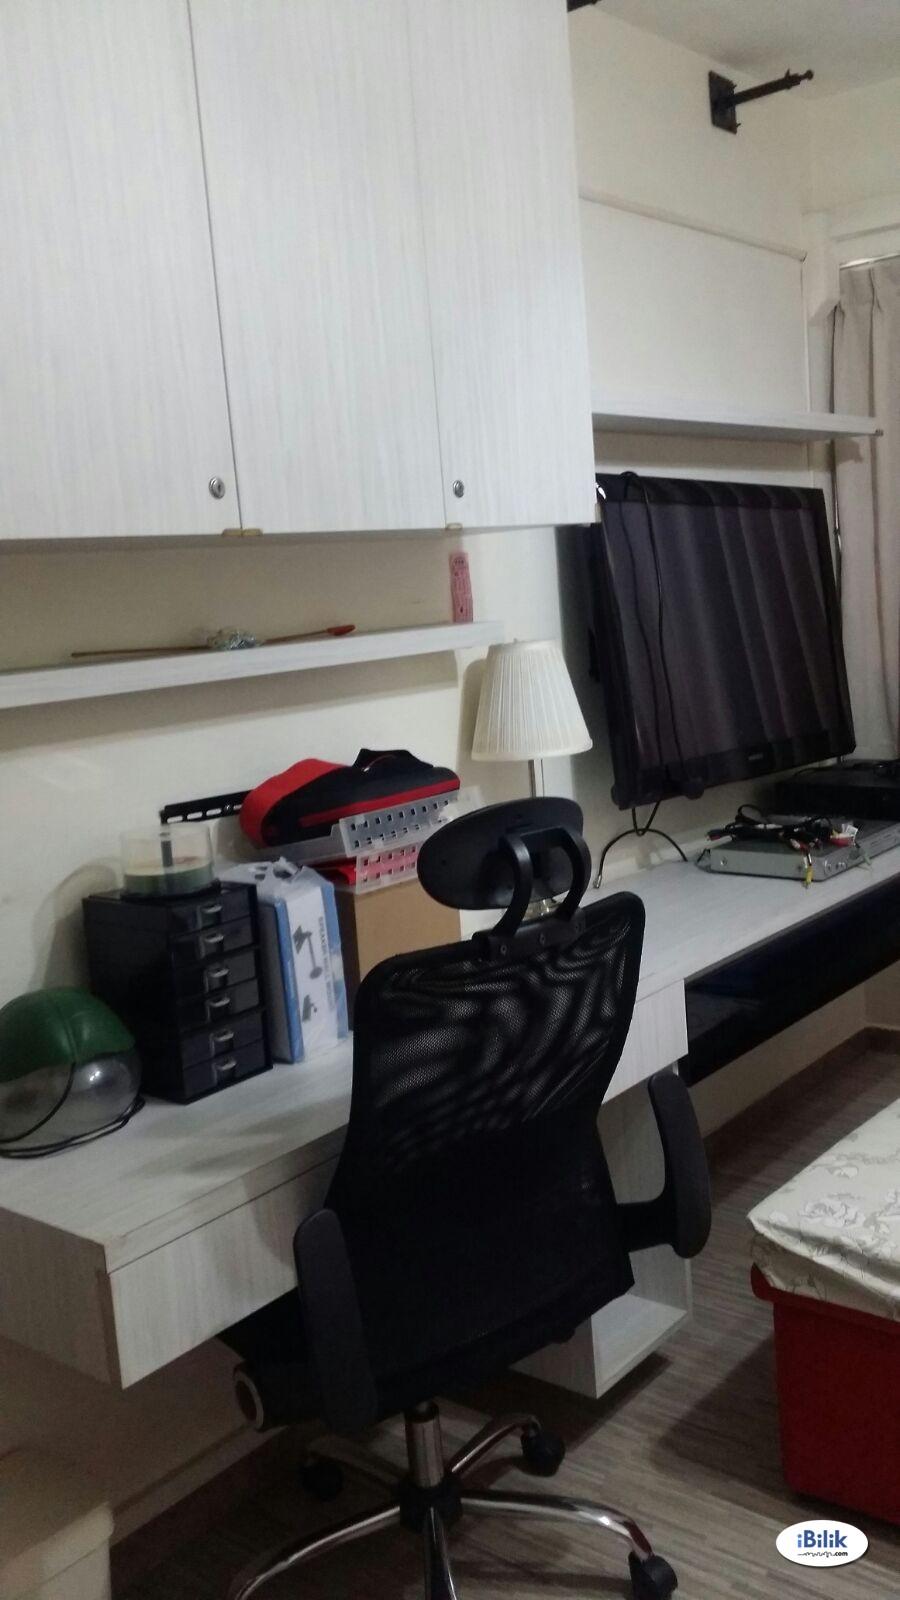 Single Room at Blk 640 Ang Mo Kio, Singapore